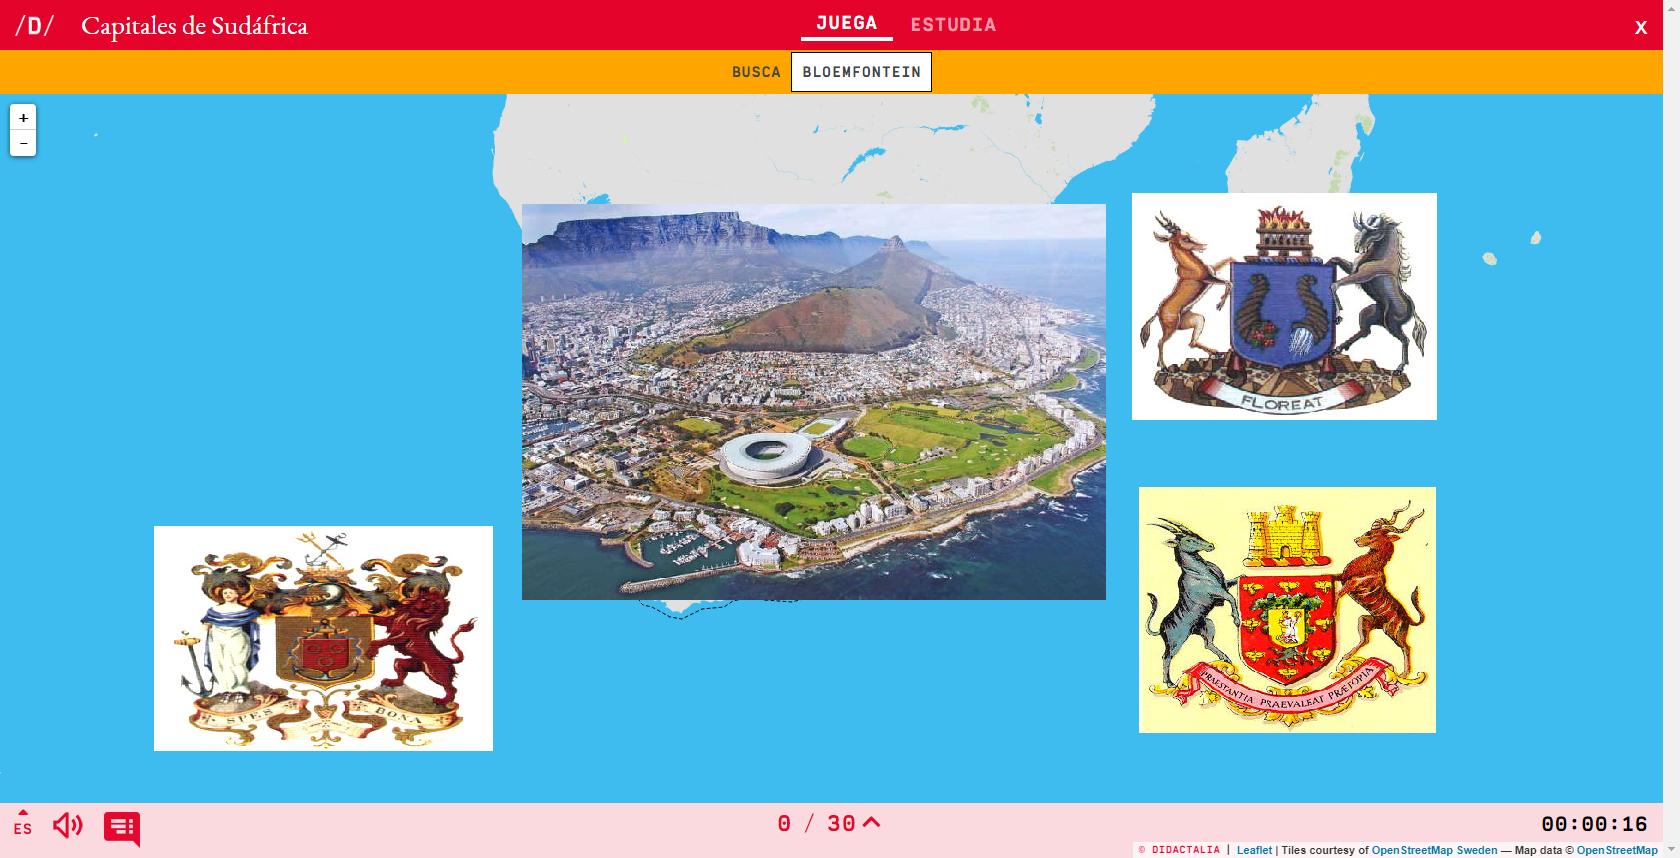 Capitals de Sud-àfrica